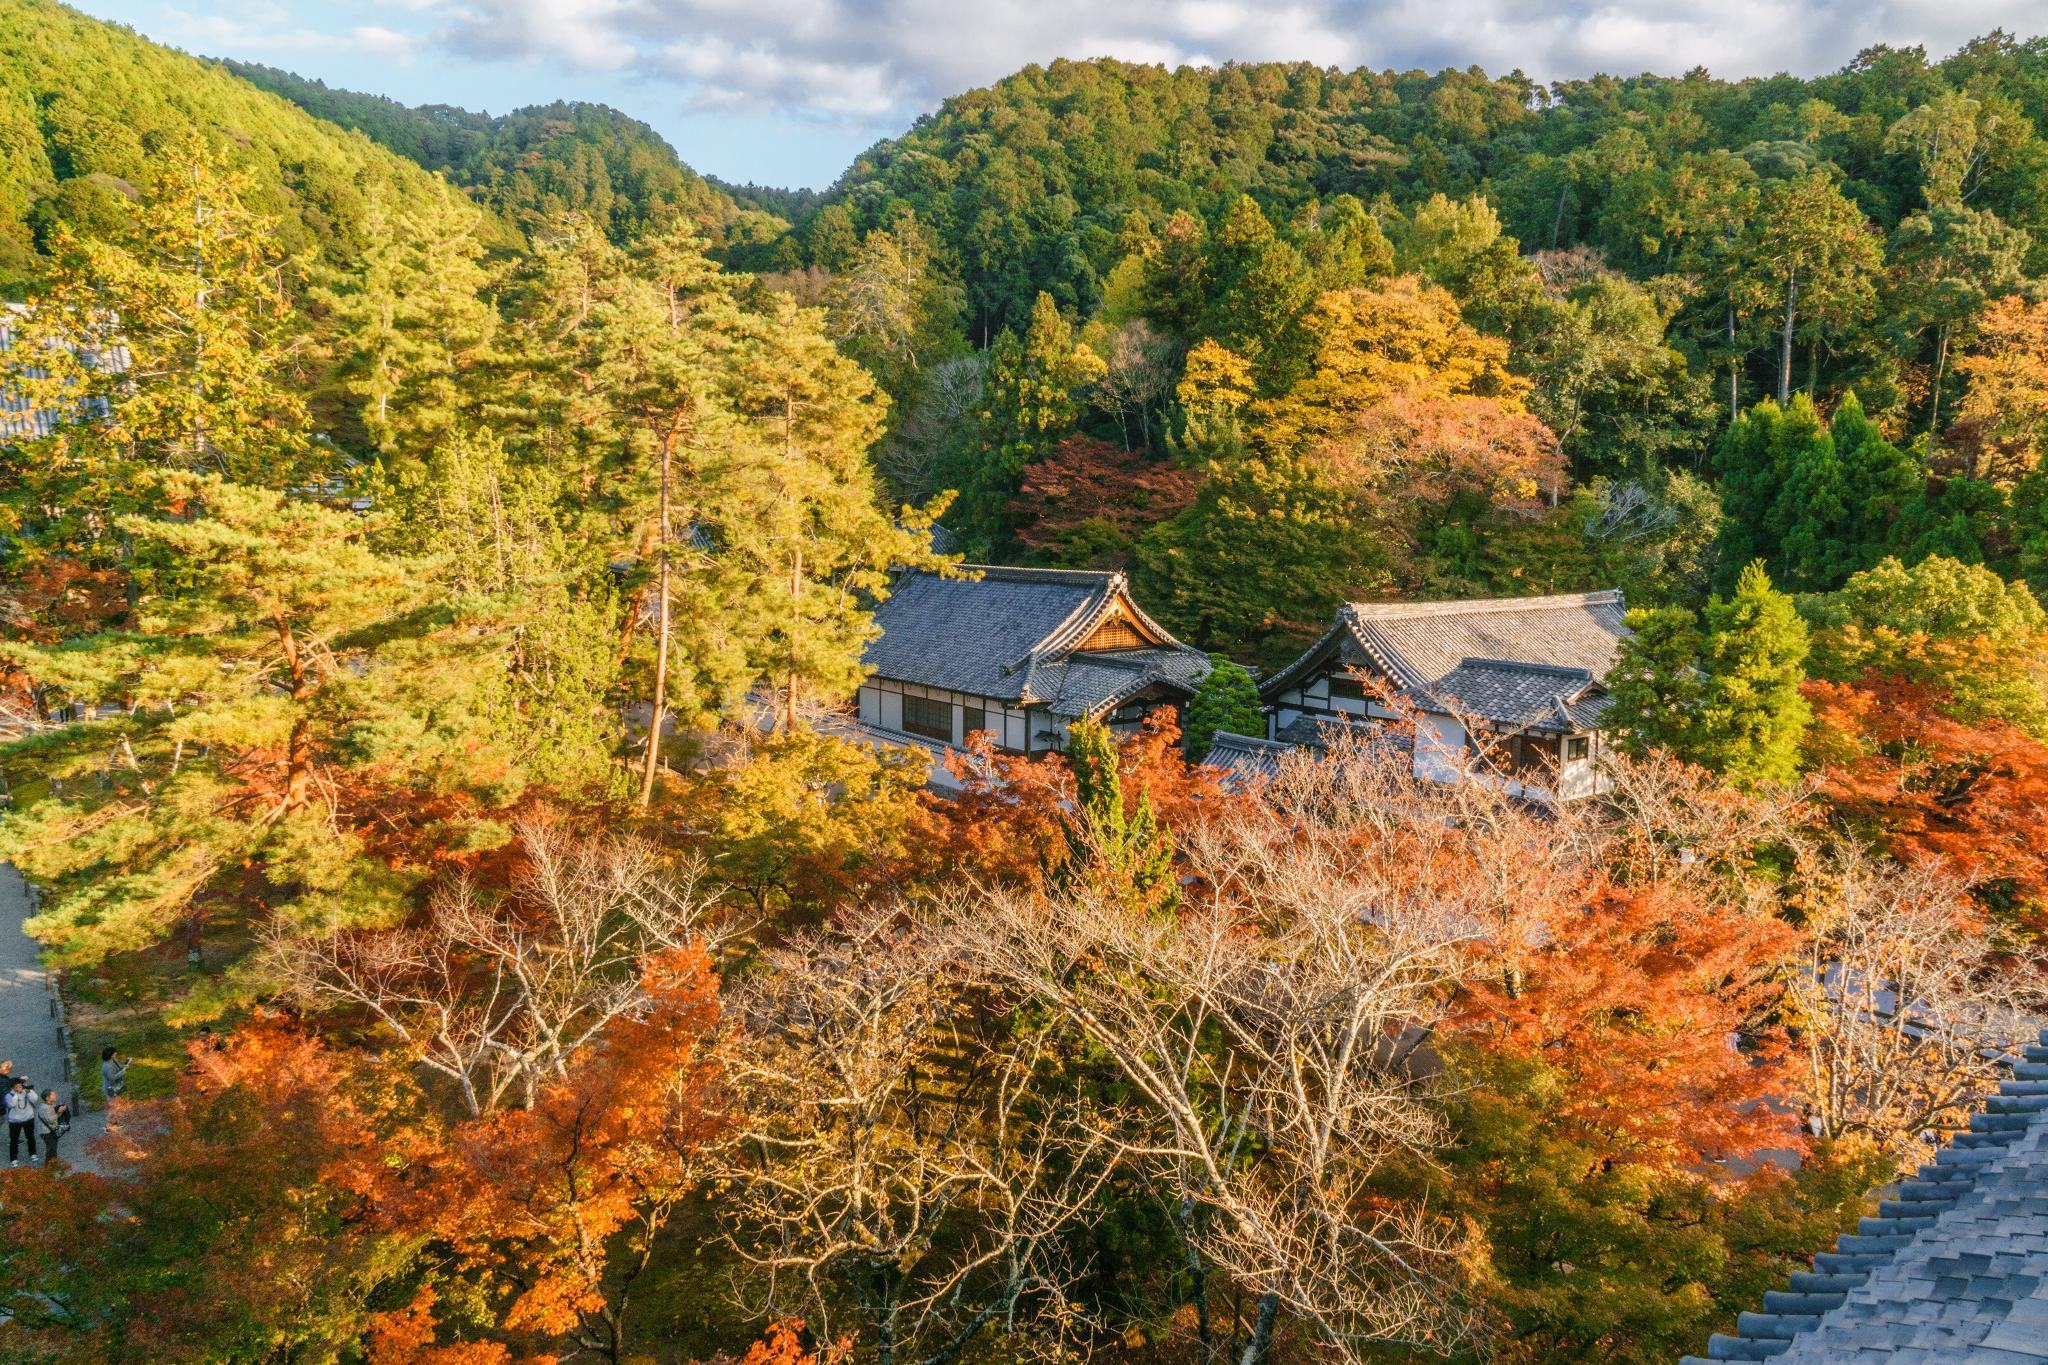 【京都】秋光葉影的古寺散策 - 南禪寺 94